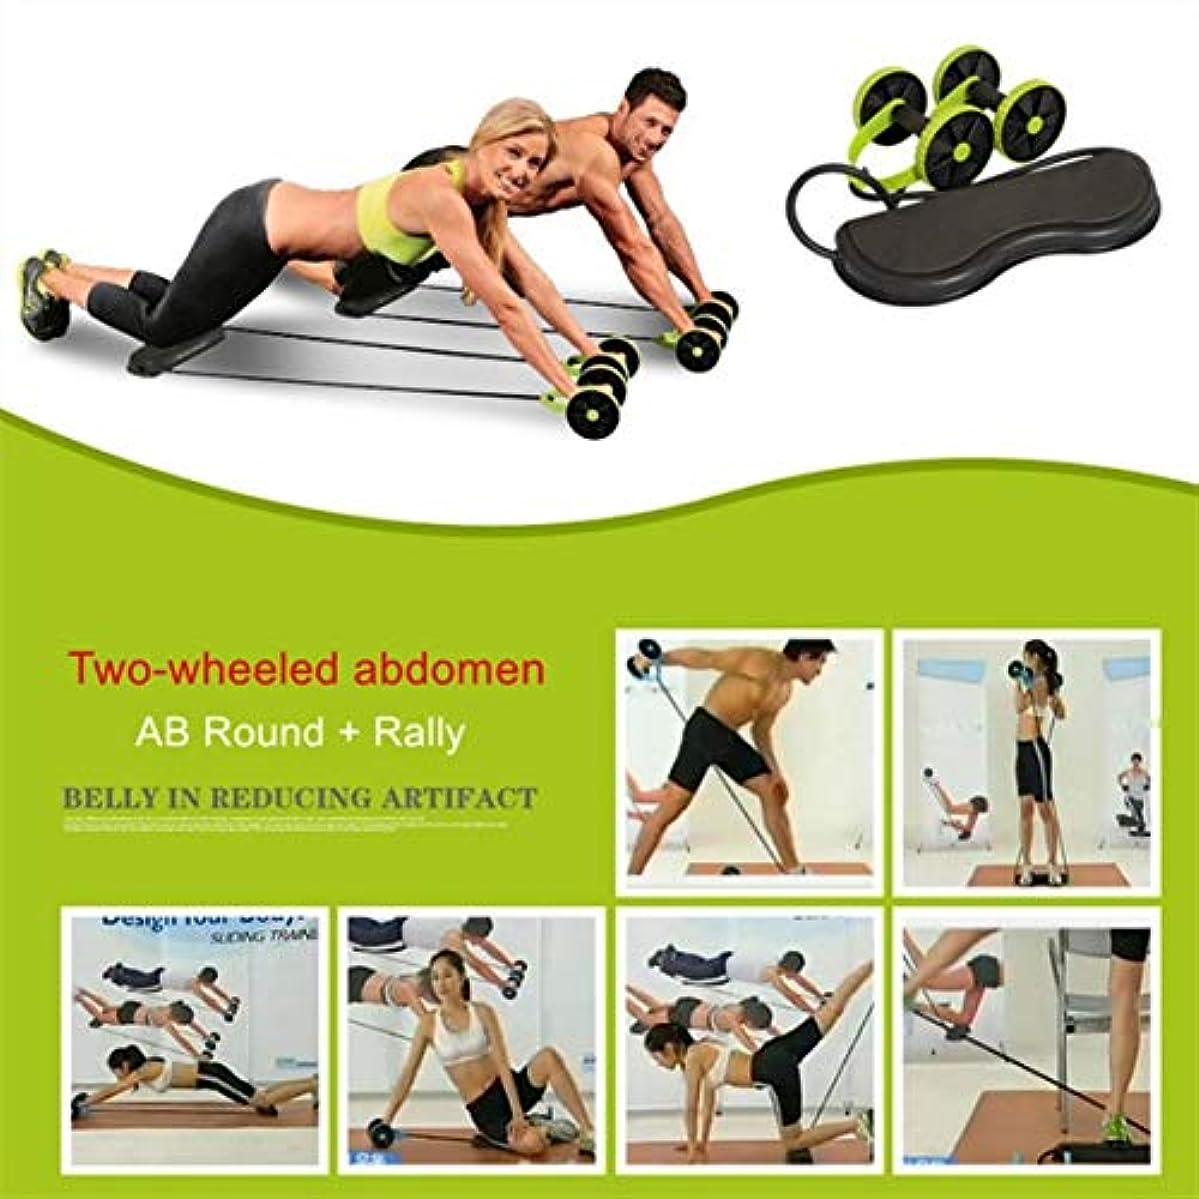 マルコポーロ散歩に行く意気消沈したJS-04多機能腹輪腹筋輪腹輪テンションロープ筋肉トレーニングマシン(グリーン&ブラック)